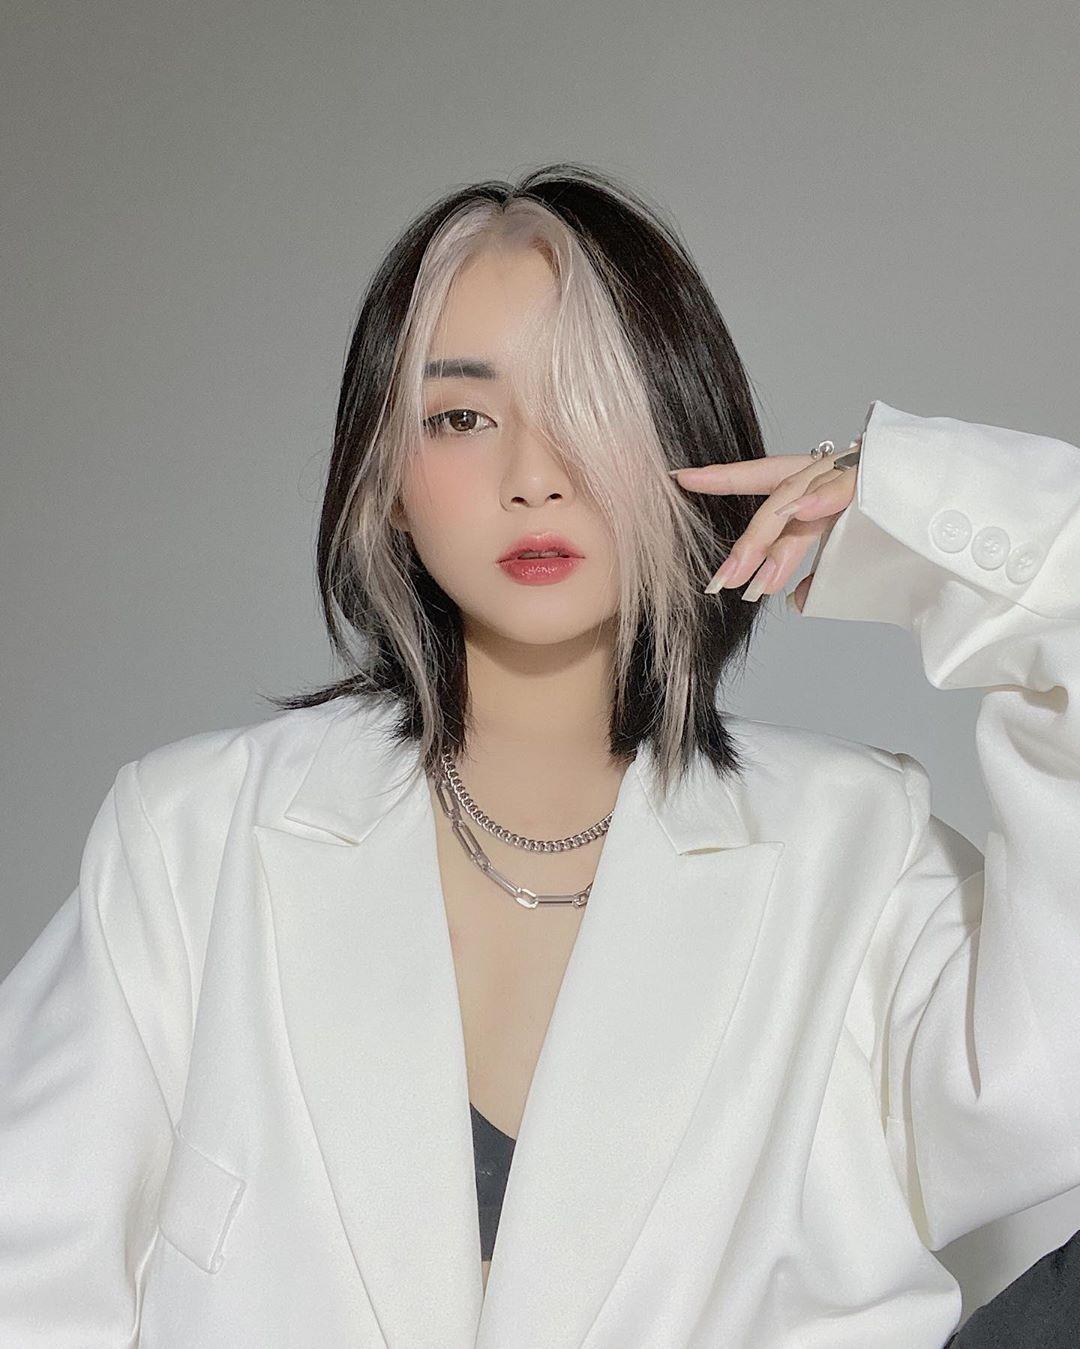 Nhiều cô gái Việt cũng đã nhanh tay thử nghiệm trào lưu hot. Hot girl Nghi Gia Ngô nhận được nhiều lời khen vì diện mạo chất chơi với kiểu tóc mới toanh.